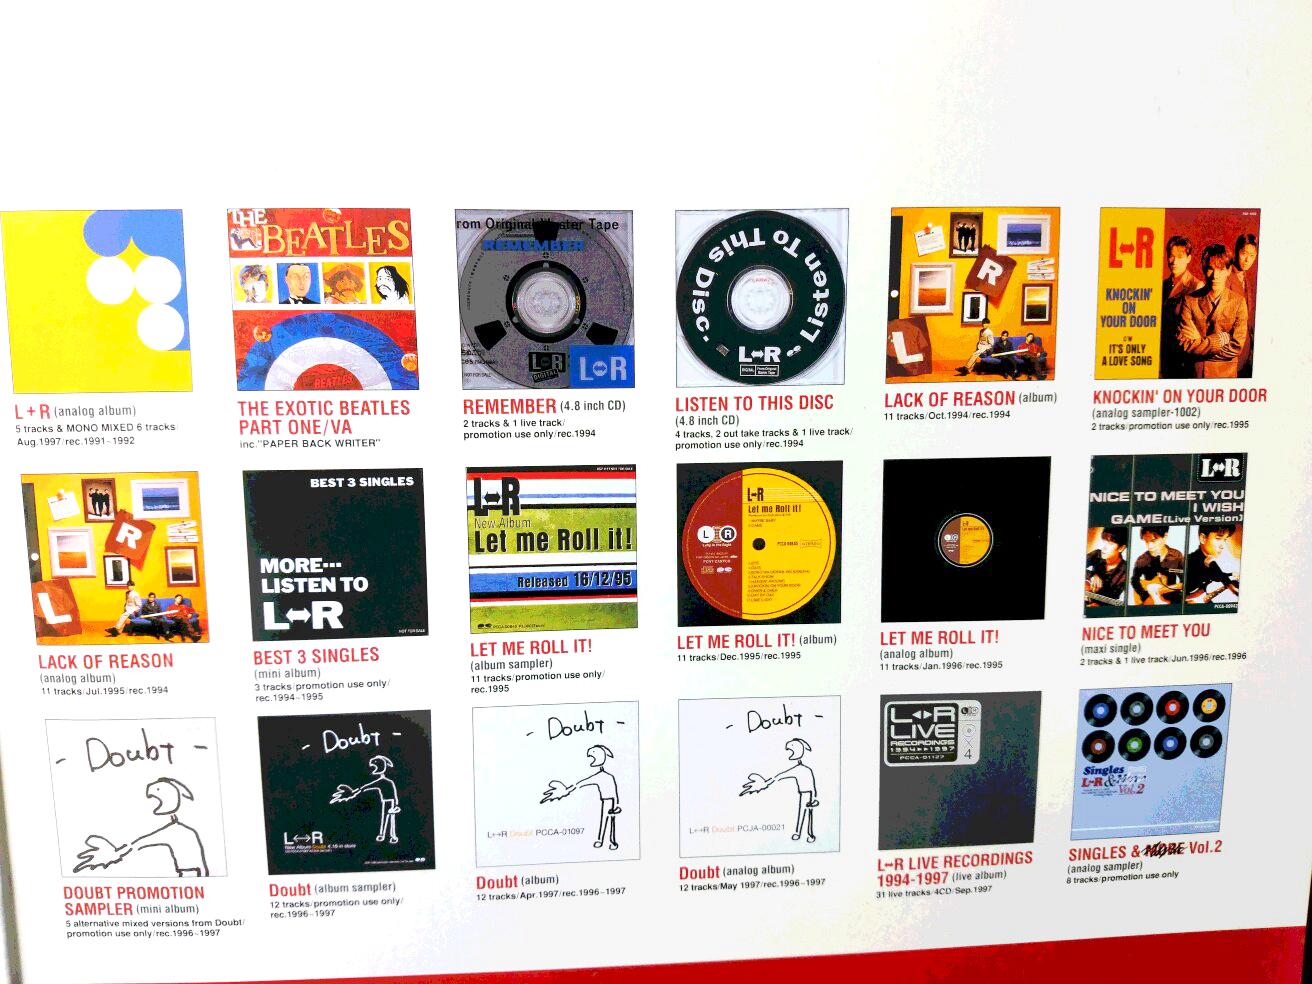 L⇔R(エルアール)のアルバム・ジャケット。LとRにちなんだアルバム・タイトルは気が利いている。2000年代に「さくら」な和風J-POPが氾濫する以前は、洋楽的なるものに近接することが「クール」の基準だった